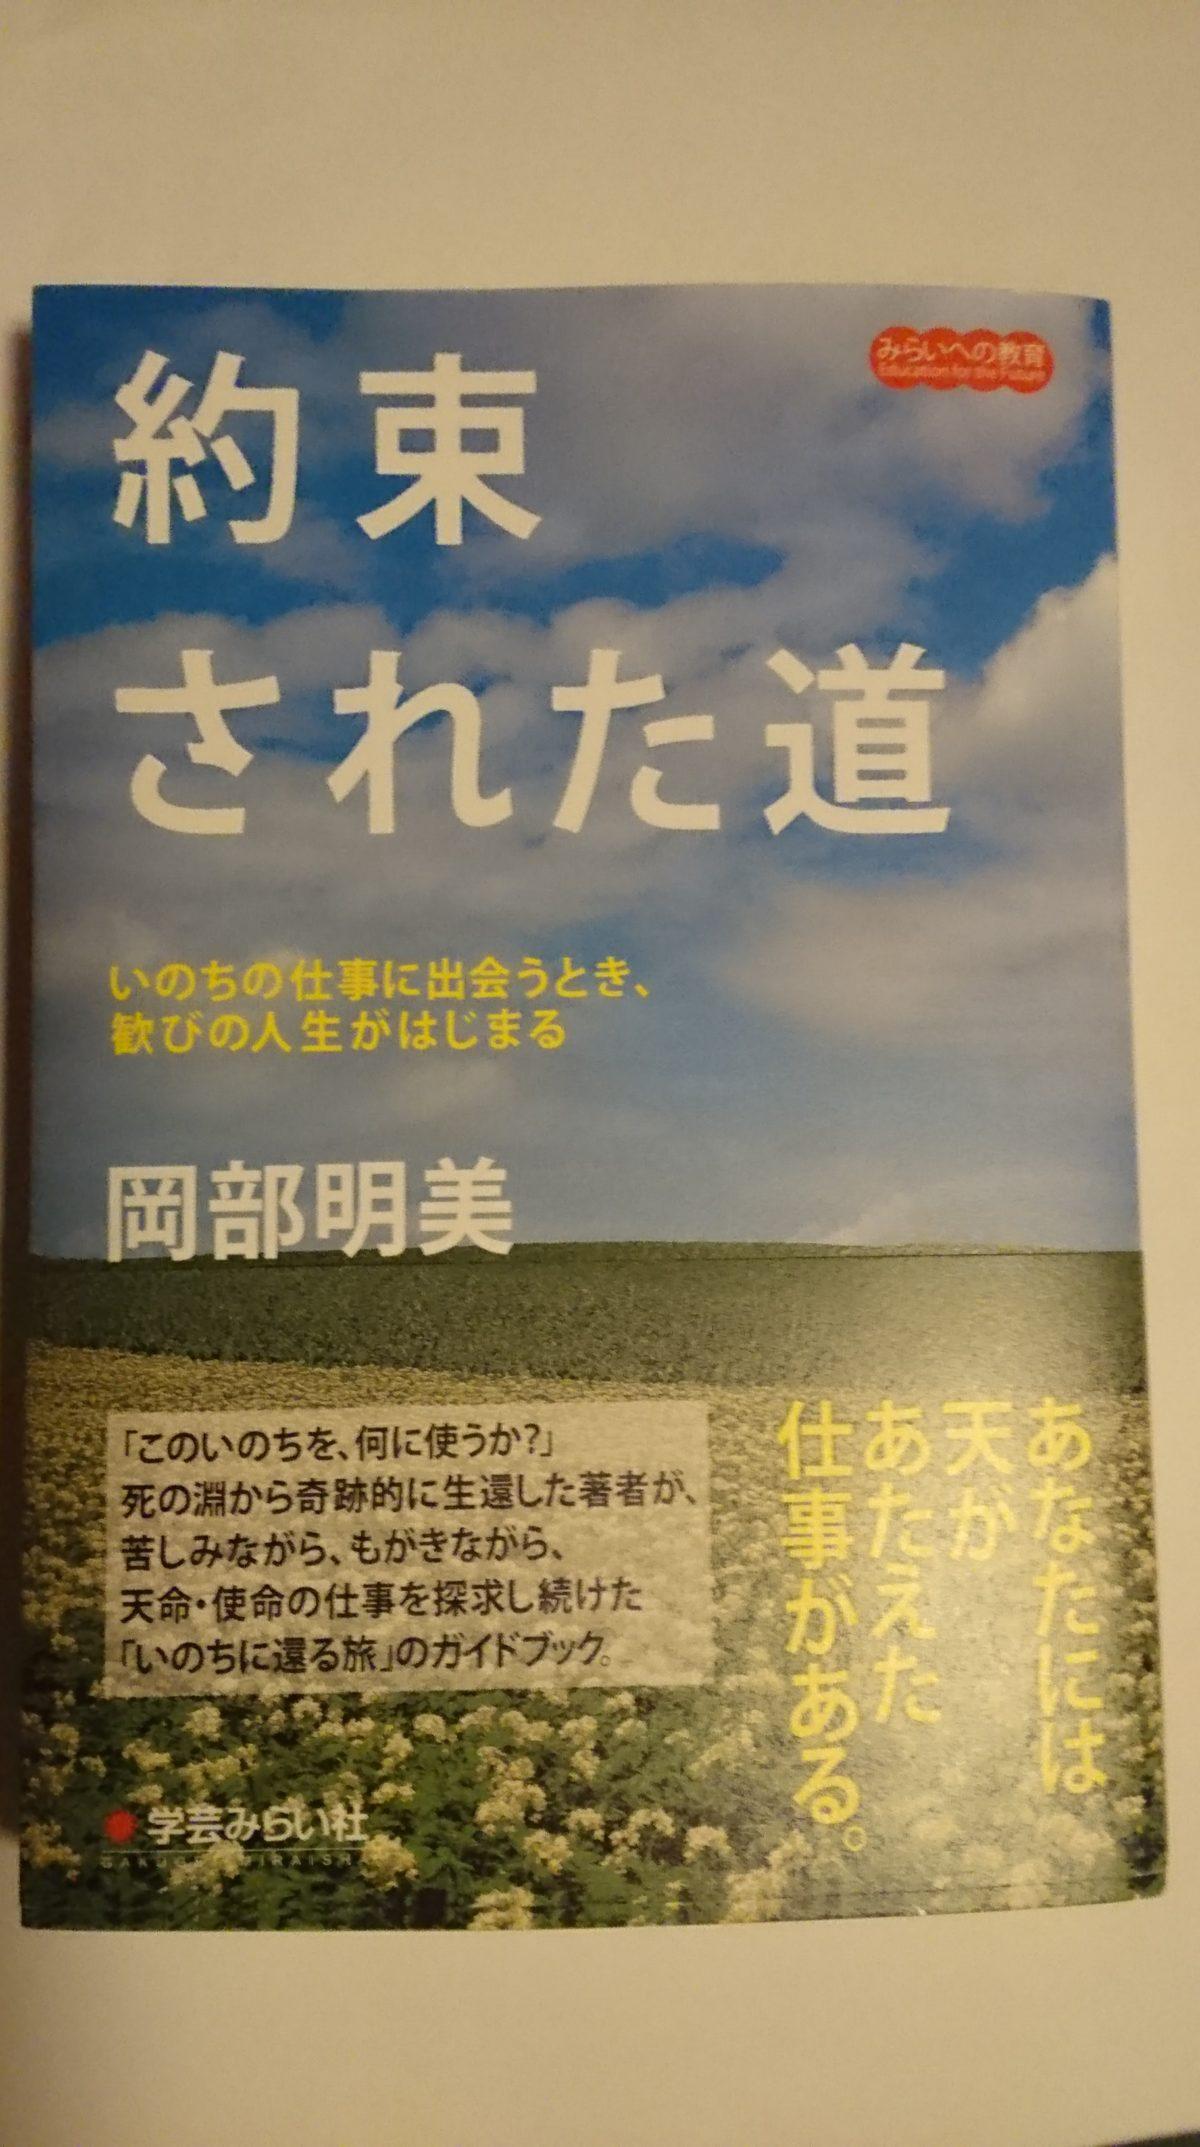 岡部明美ちゃん出版記念会